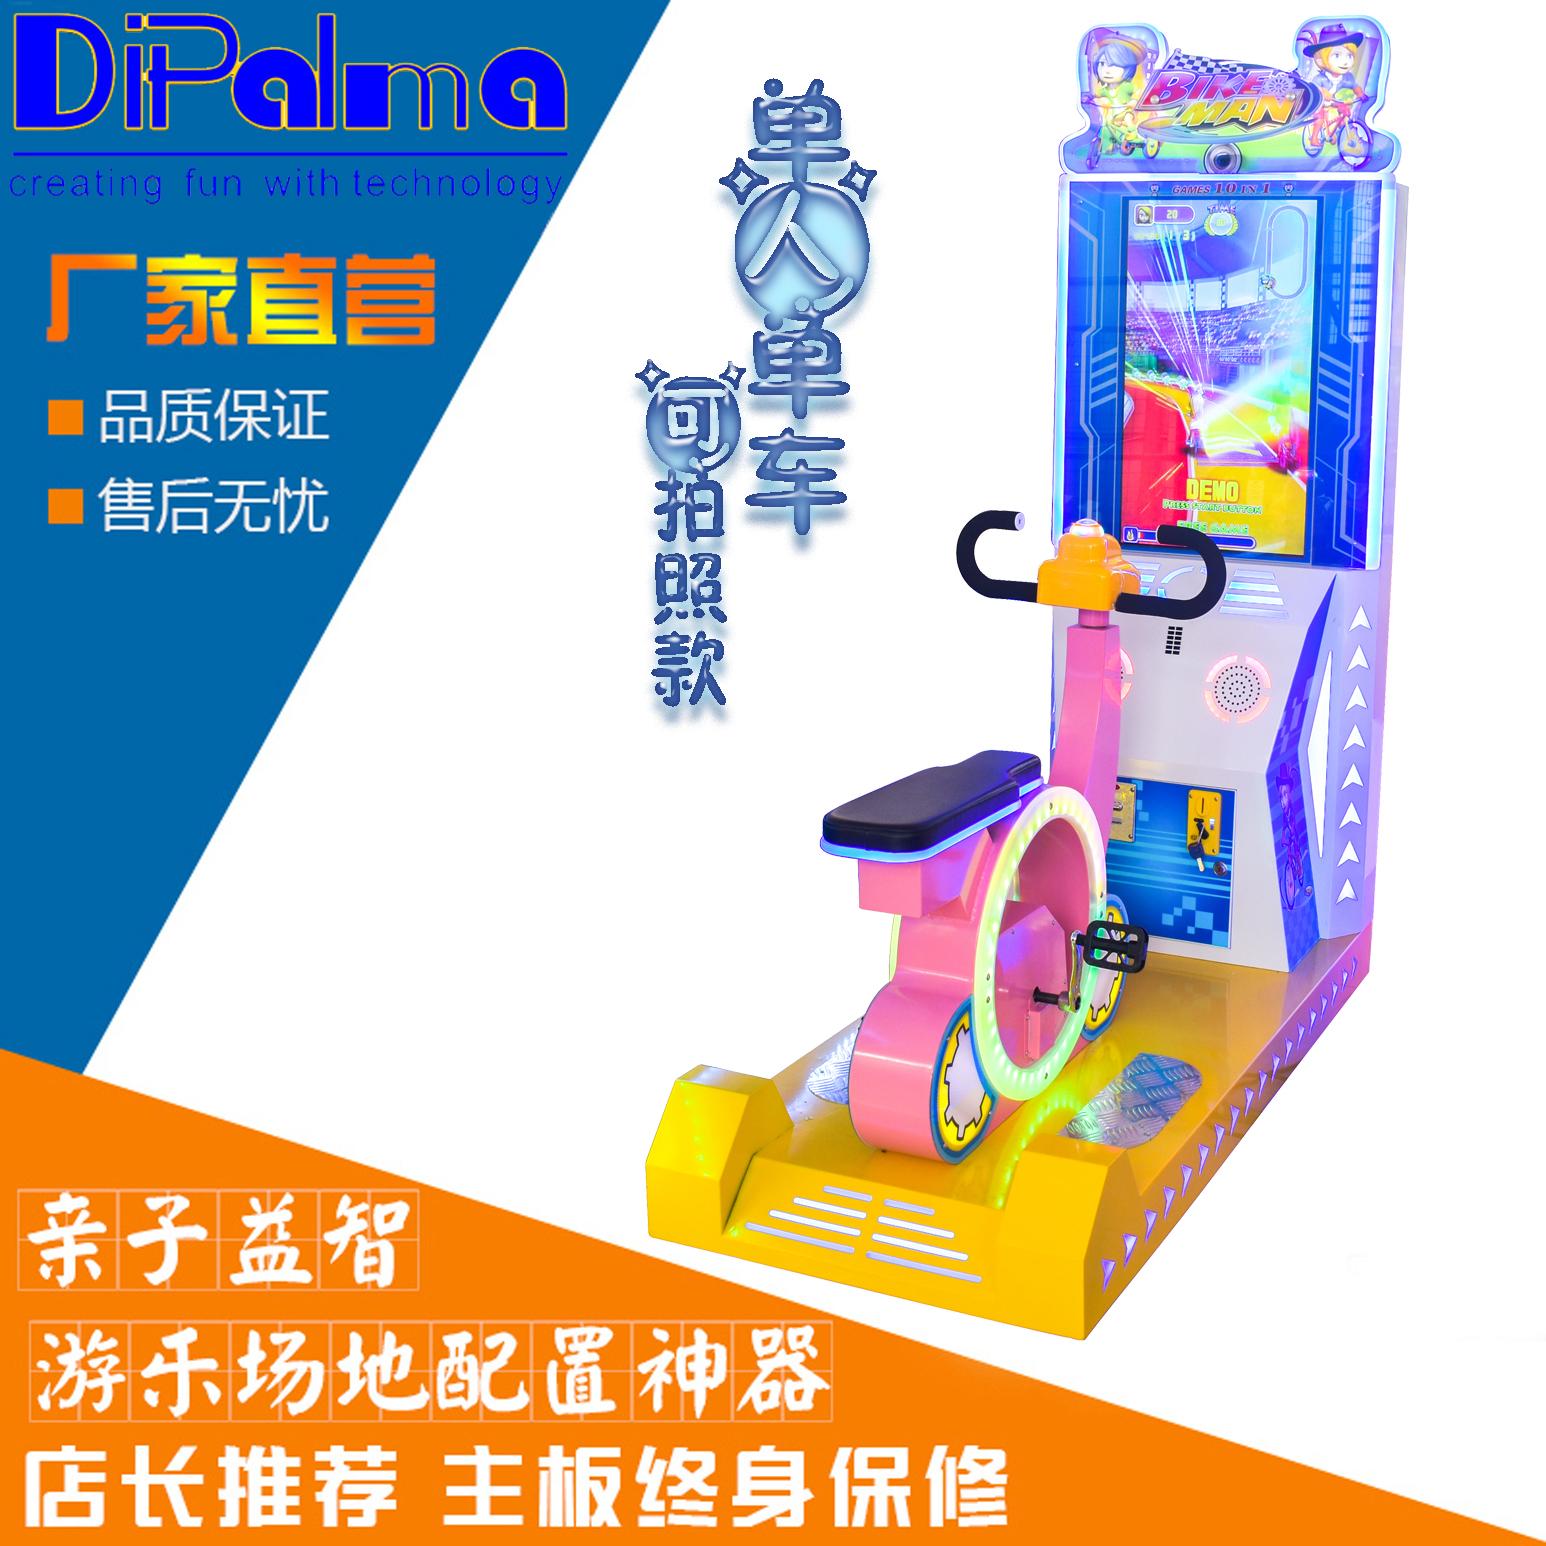 儿童乐园单人单车侠游戏机大型电玩城设备投币彩自行车体感游艺机